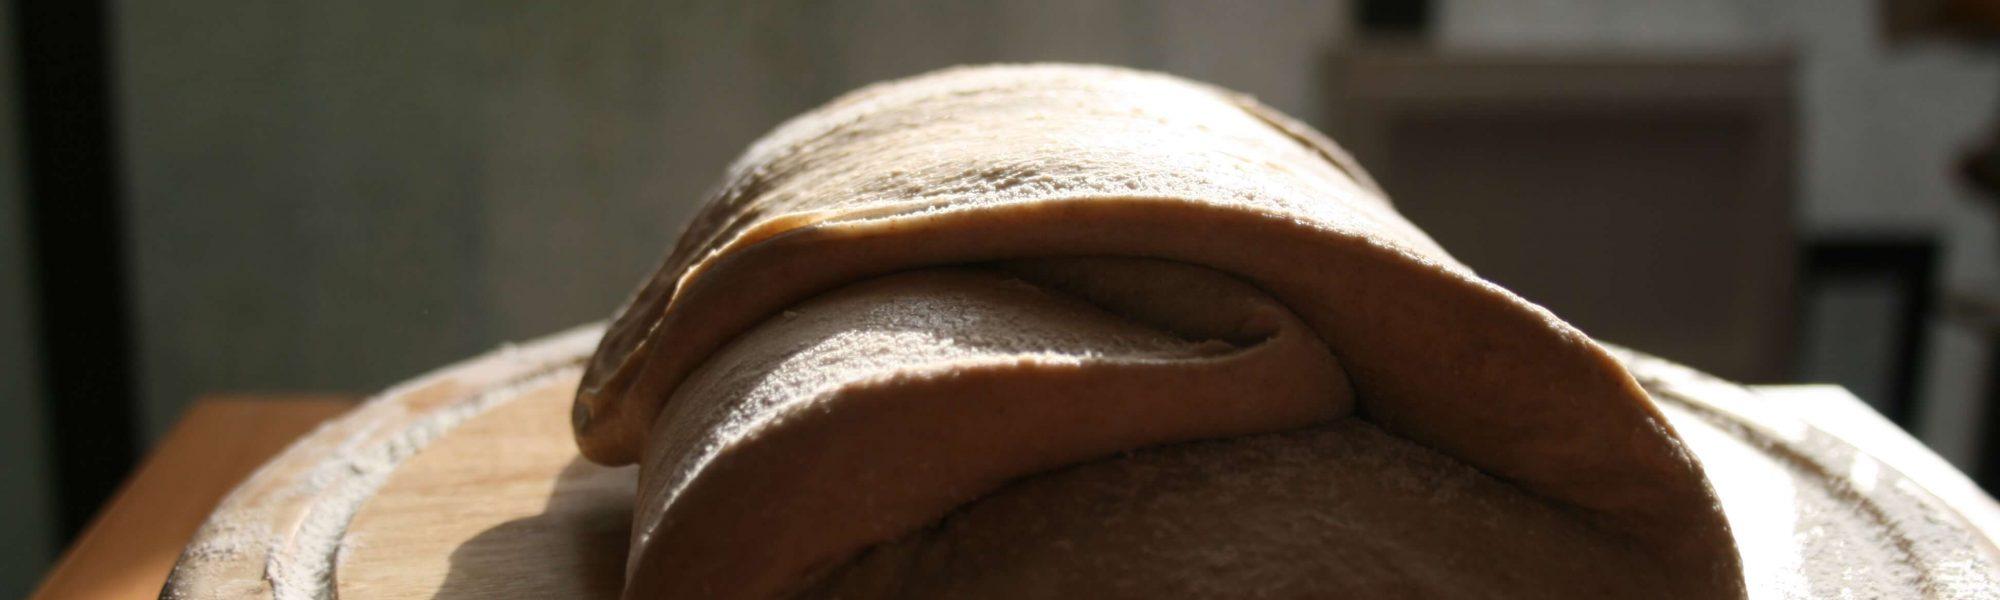 כמה צריך להתפיח לחם